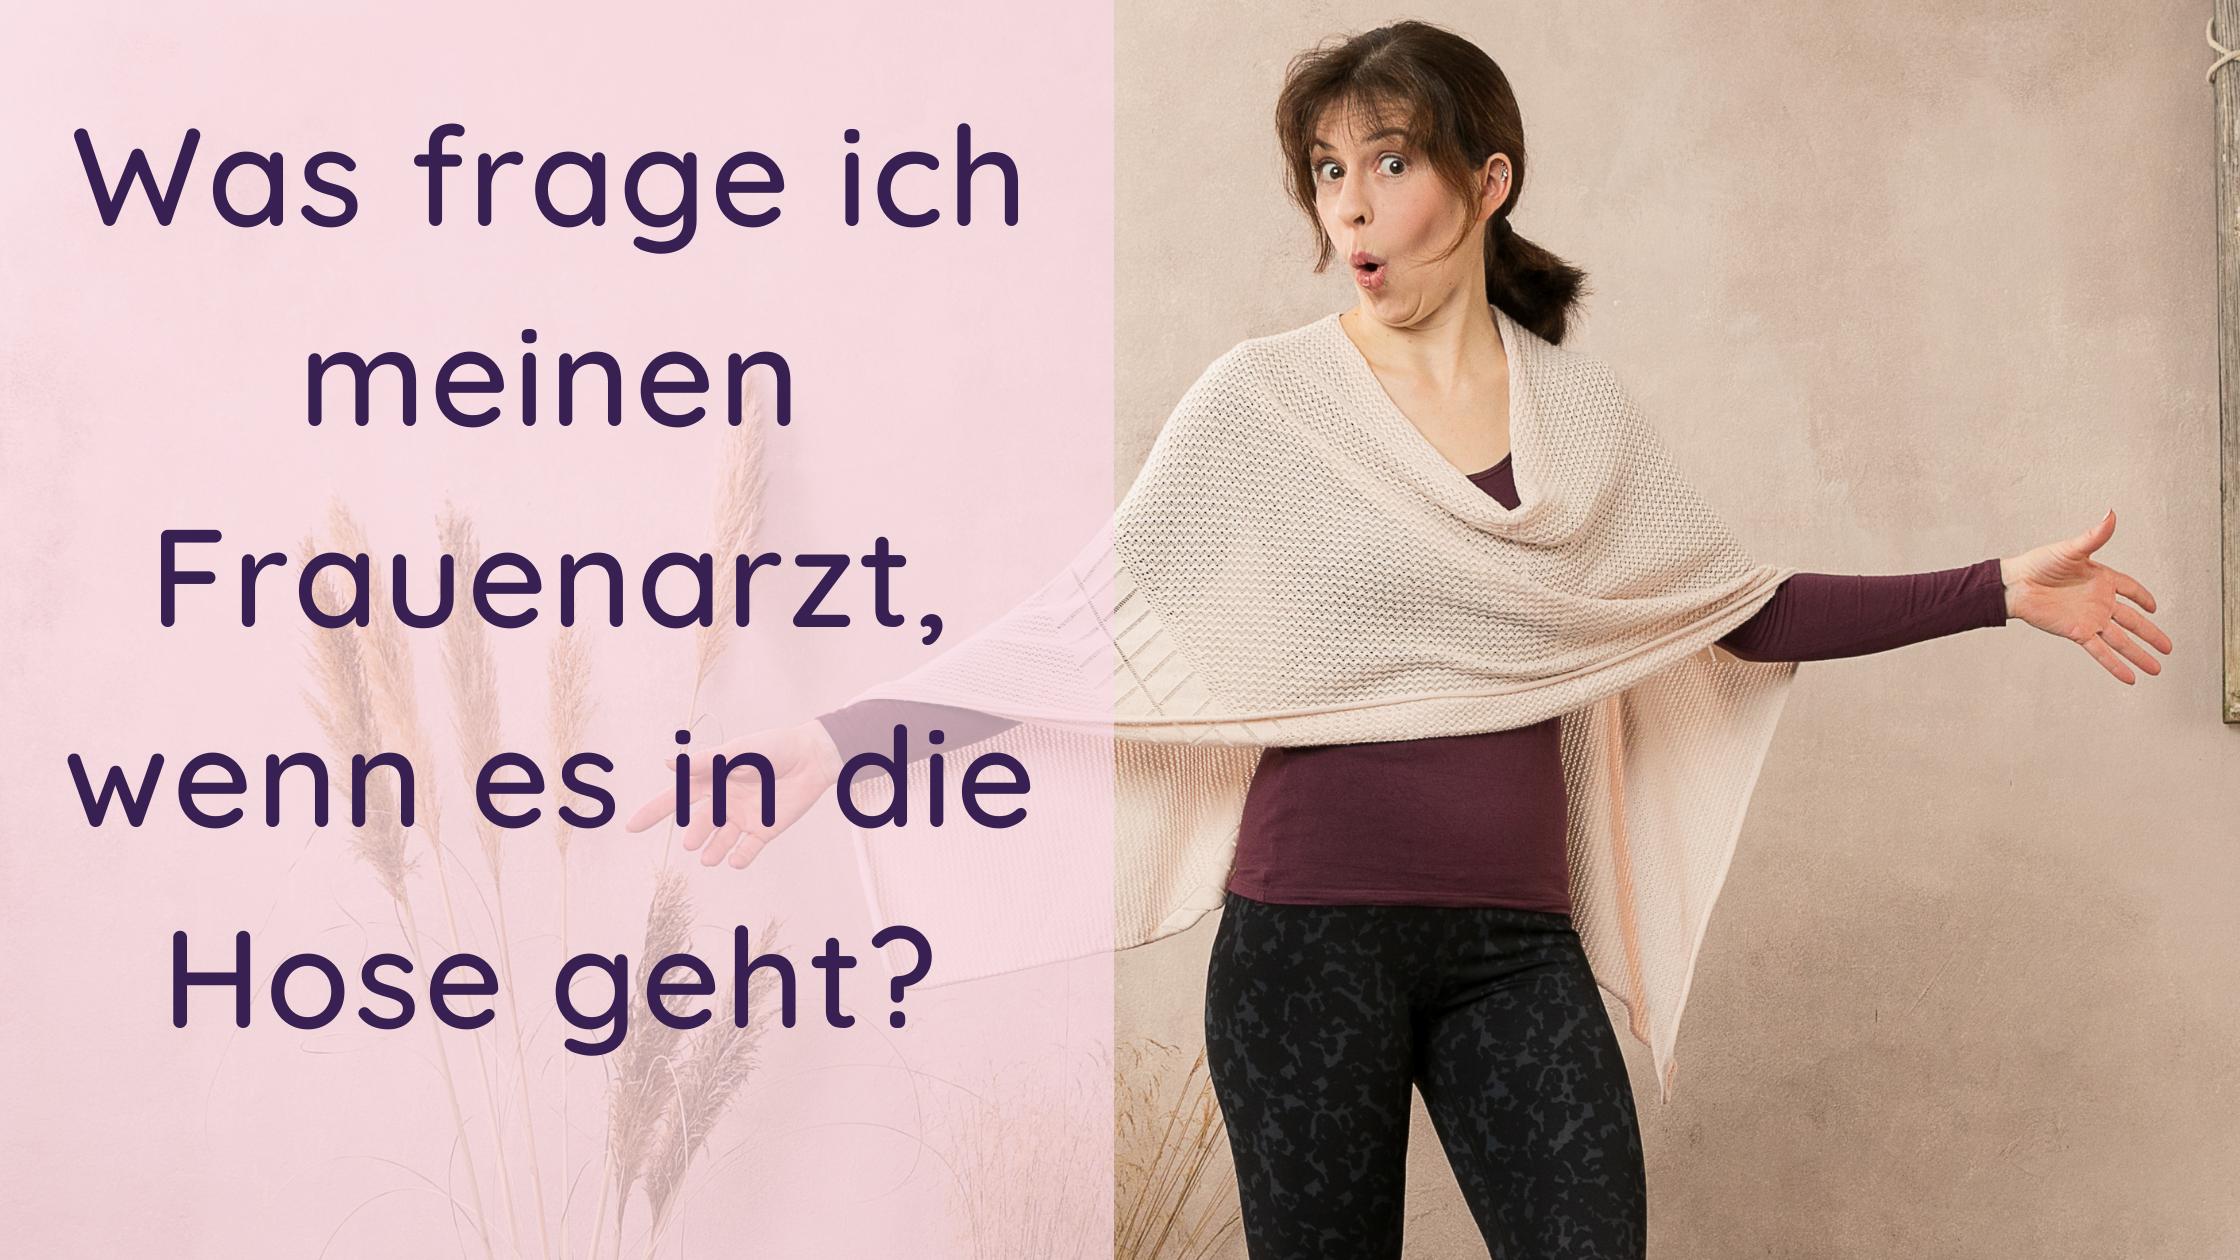 Blogartikel: Was sage ich meinem Frauenarzt bei beginnender Inkontinenz